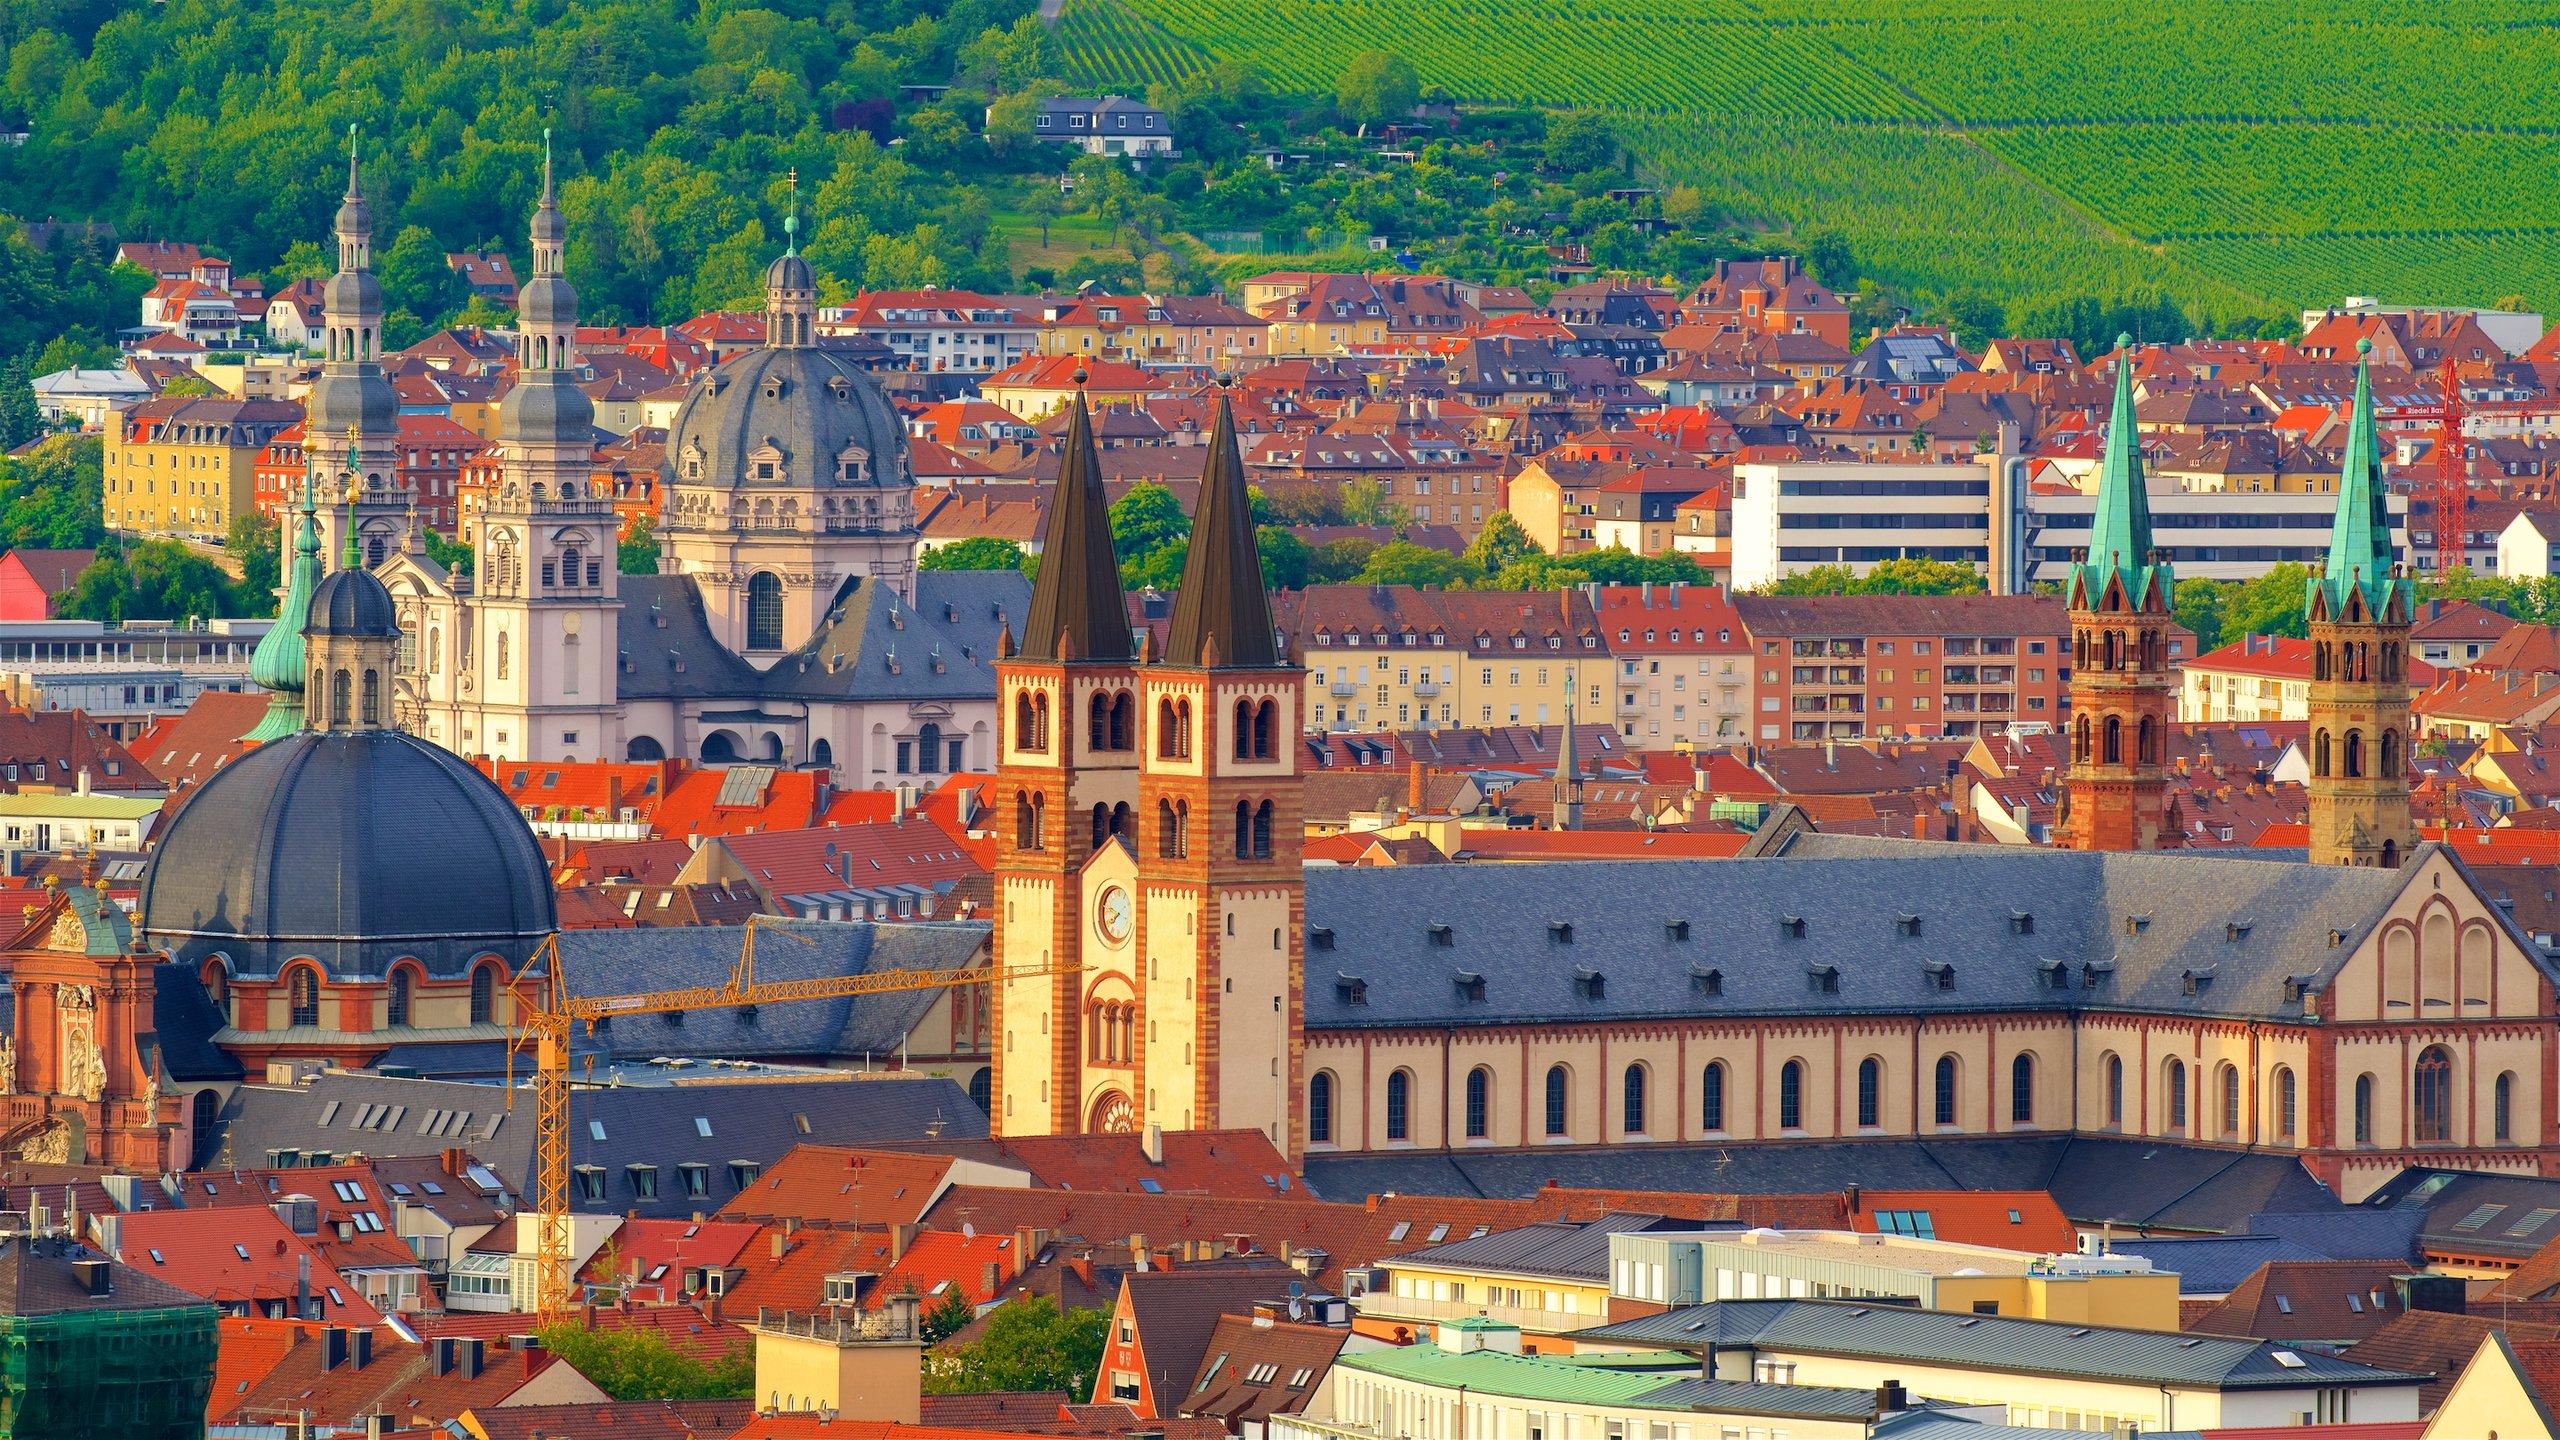 Stadtzentrum von Würzburg, Würzburg, Bayern, Deutschland